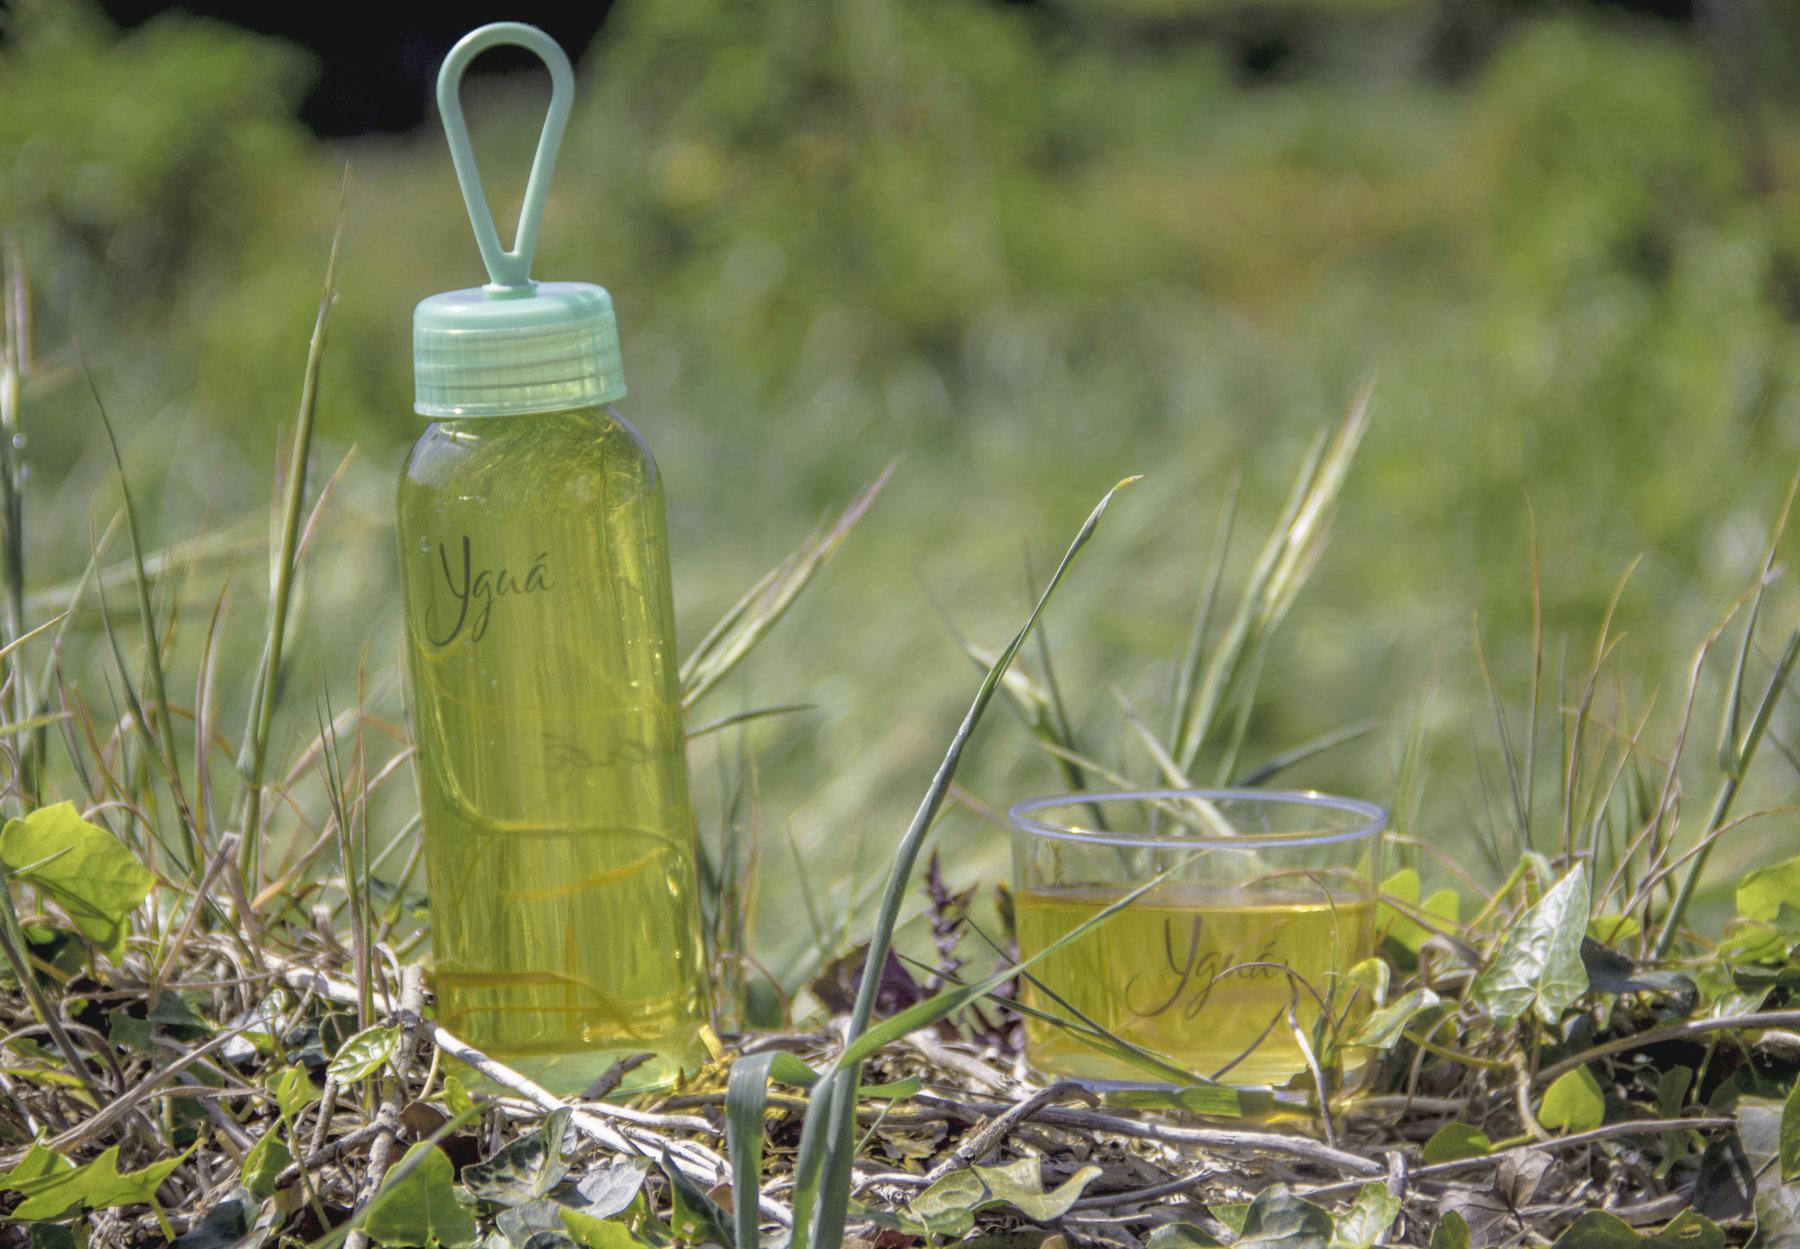 En la imagen un Yguá de Moringa, bebida vegetal natural rica en proteína completa, con todos los aminoácidos esenciales, incluida la leucina.